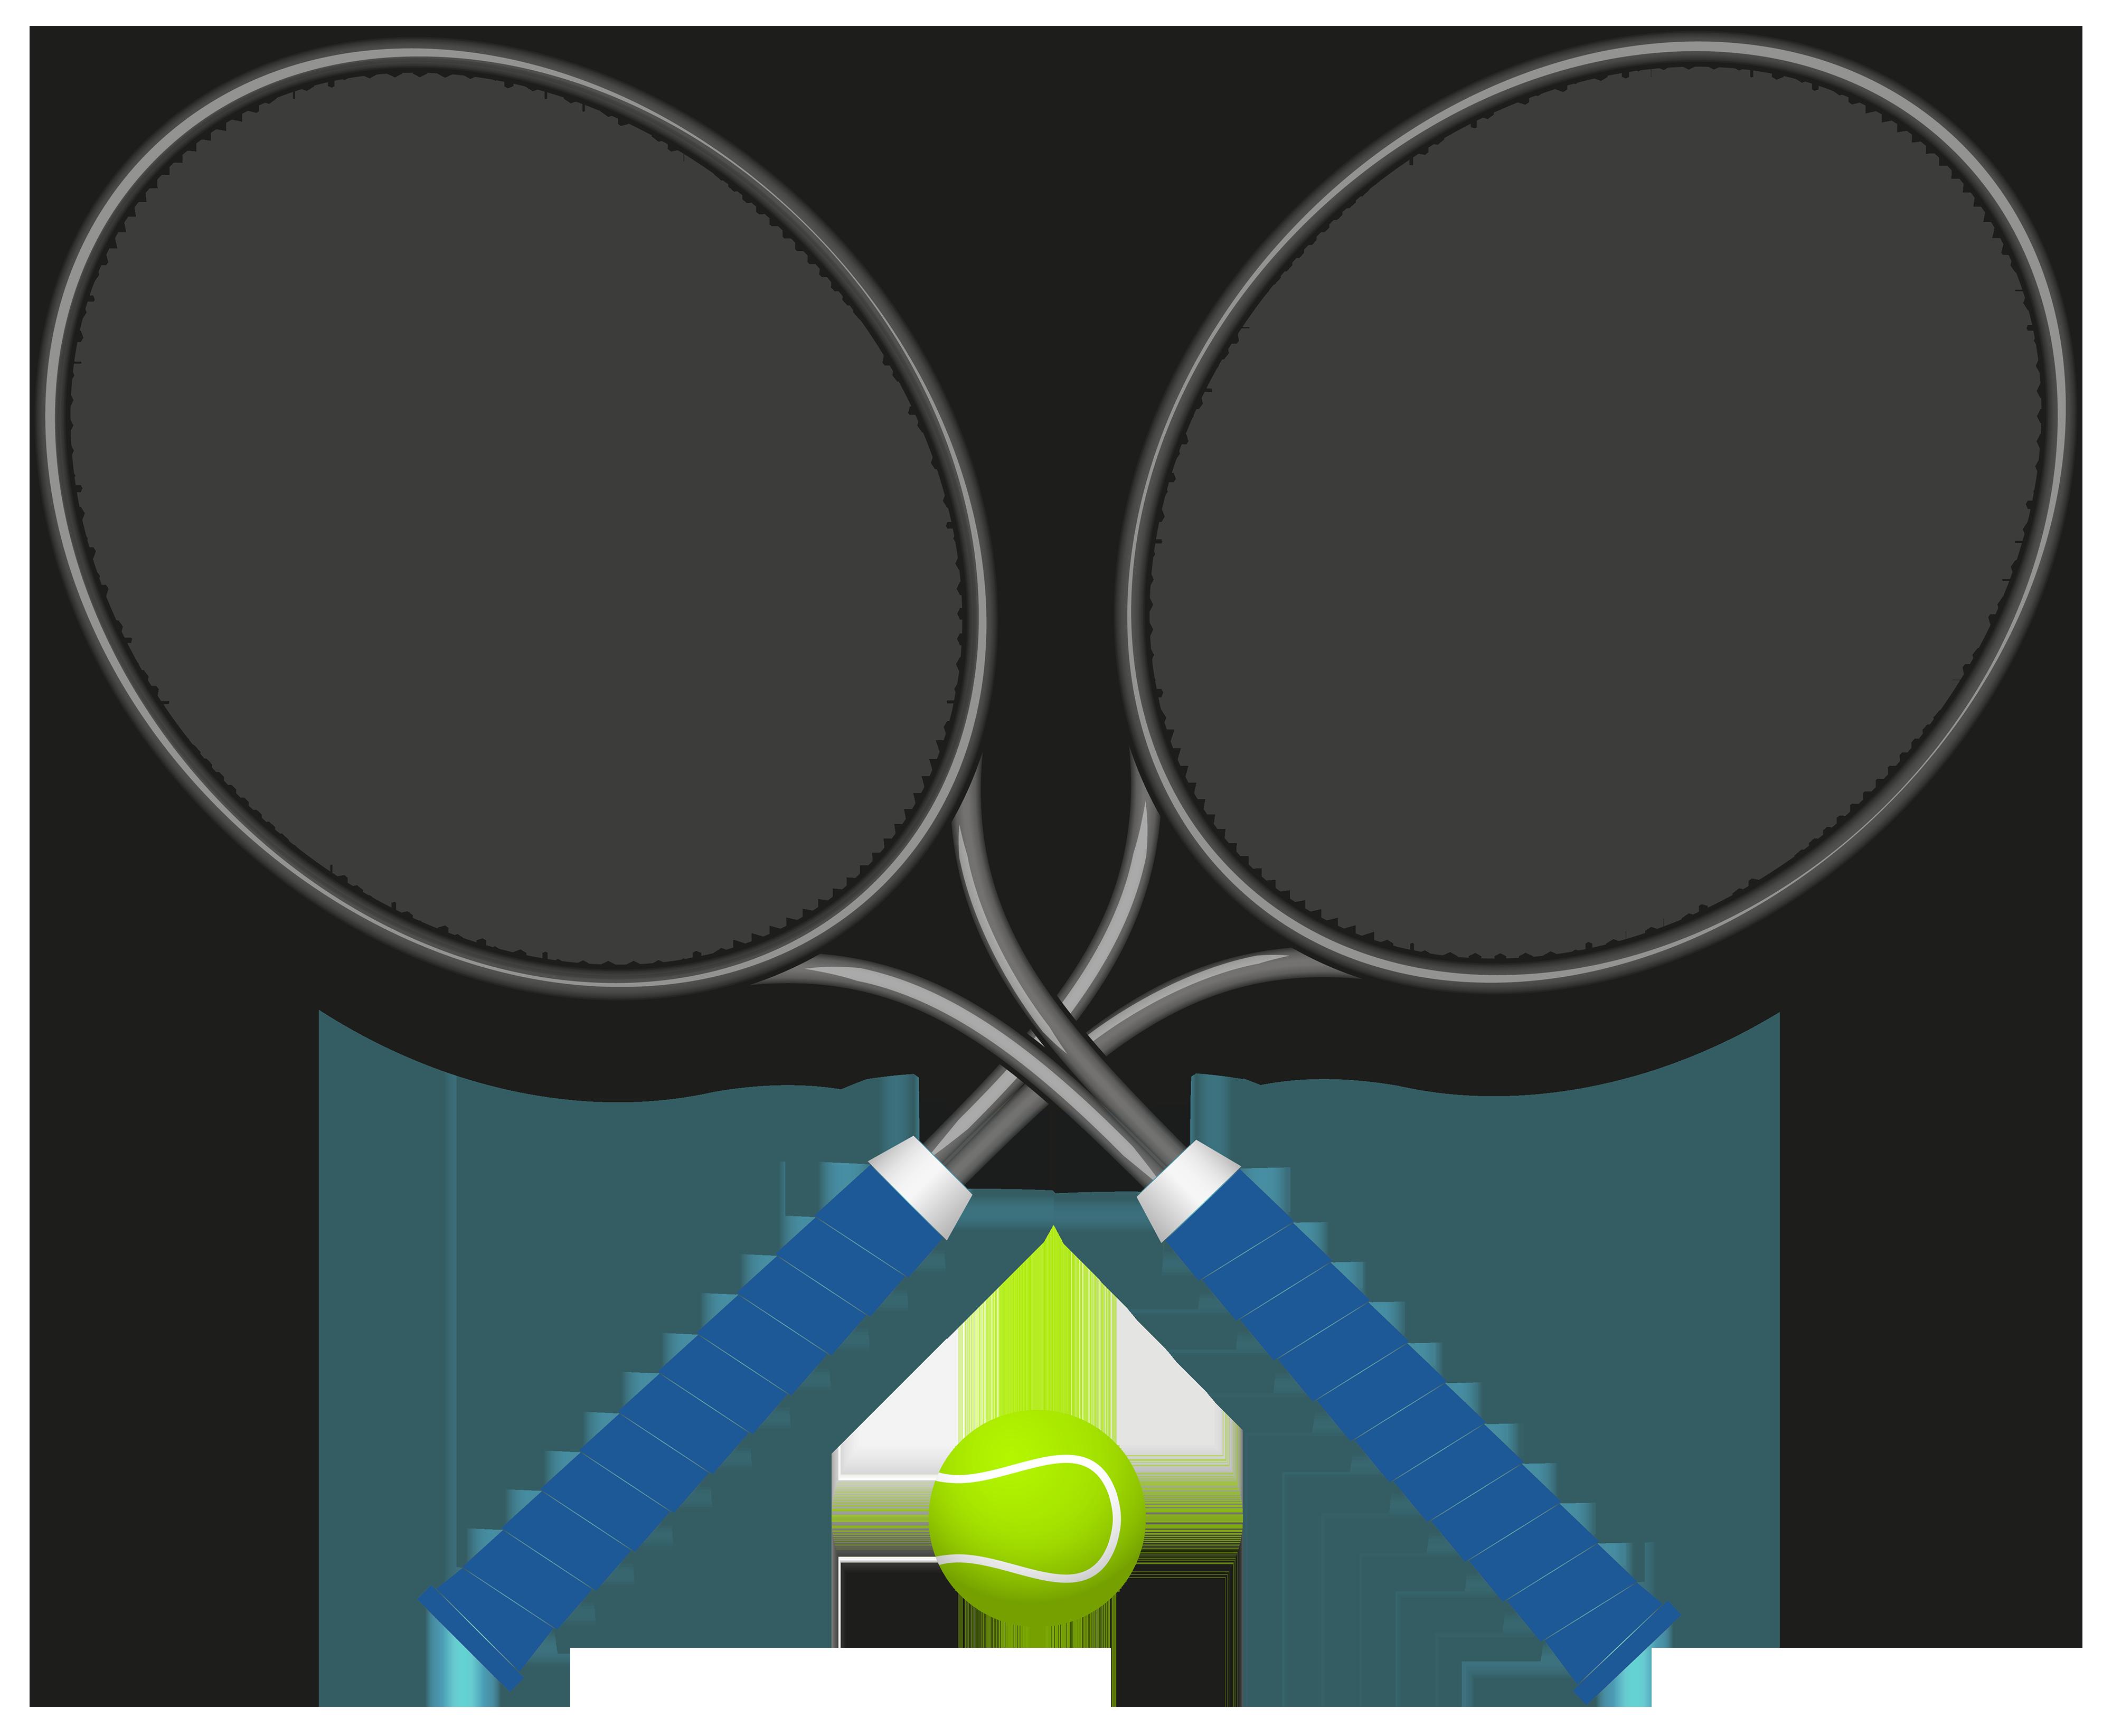 Tennis images clip art 2 clipartcow